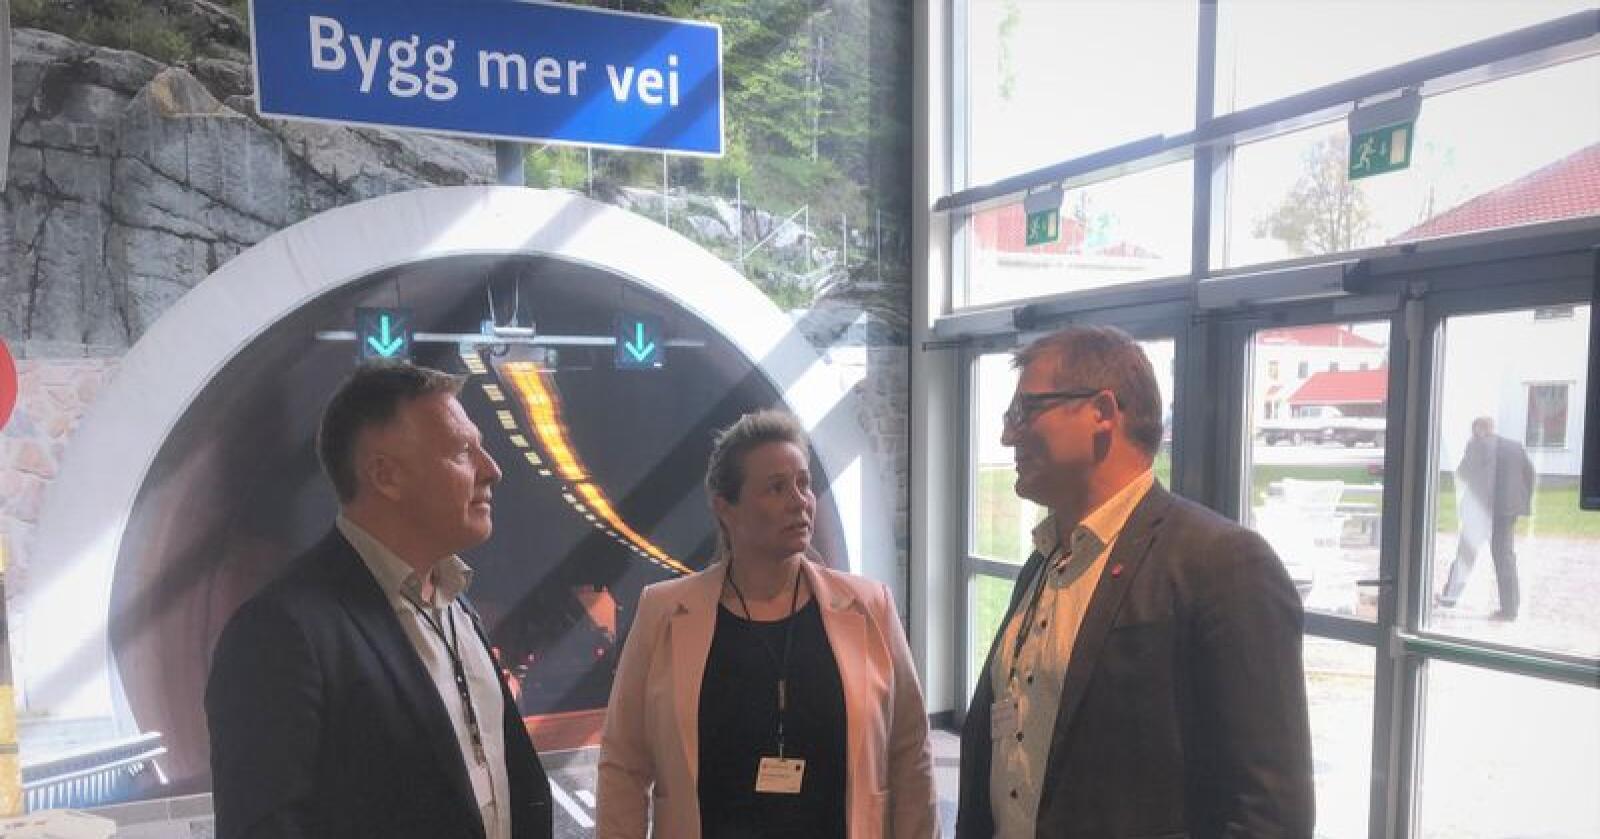 Frp-erne John Karlsen (førstekandidat i Troms og Finnmark Frp), Lill Harriet Sandaune (gruppeleder i Trøndelag) og Dagfinn Olsen (fylkesleder i Nordland) krever milliardøkninger i satsinger på fylkesveier.